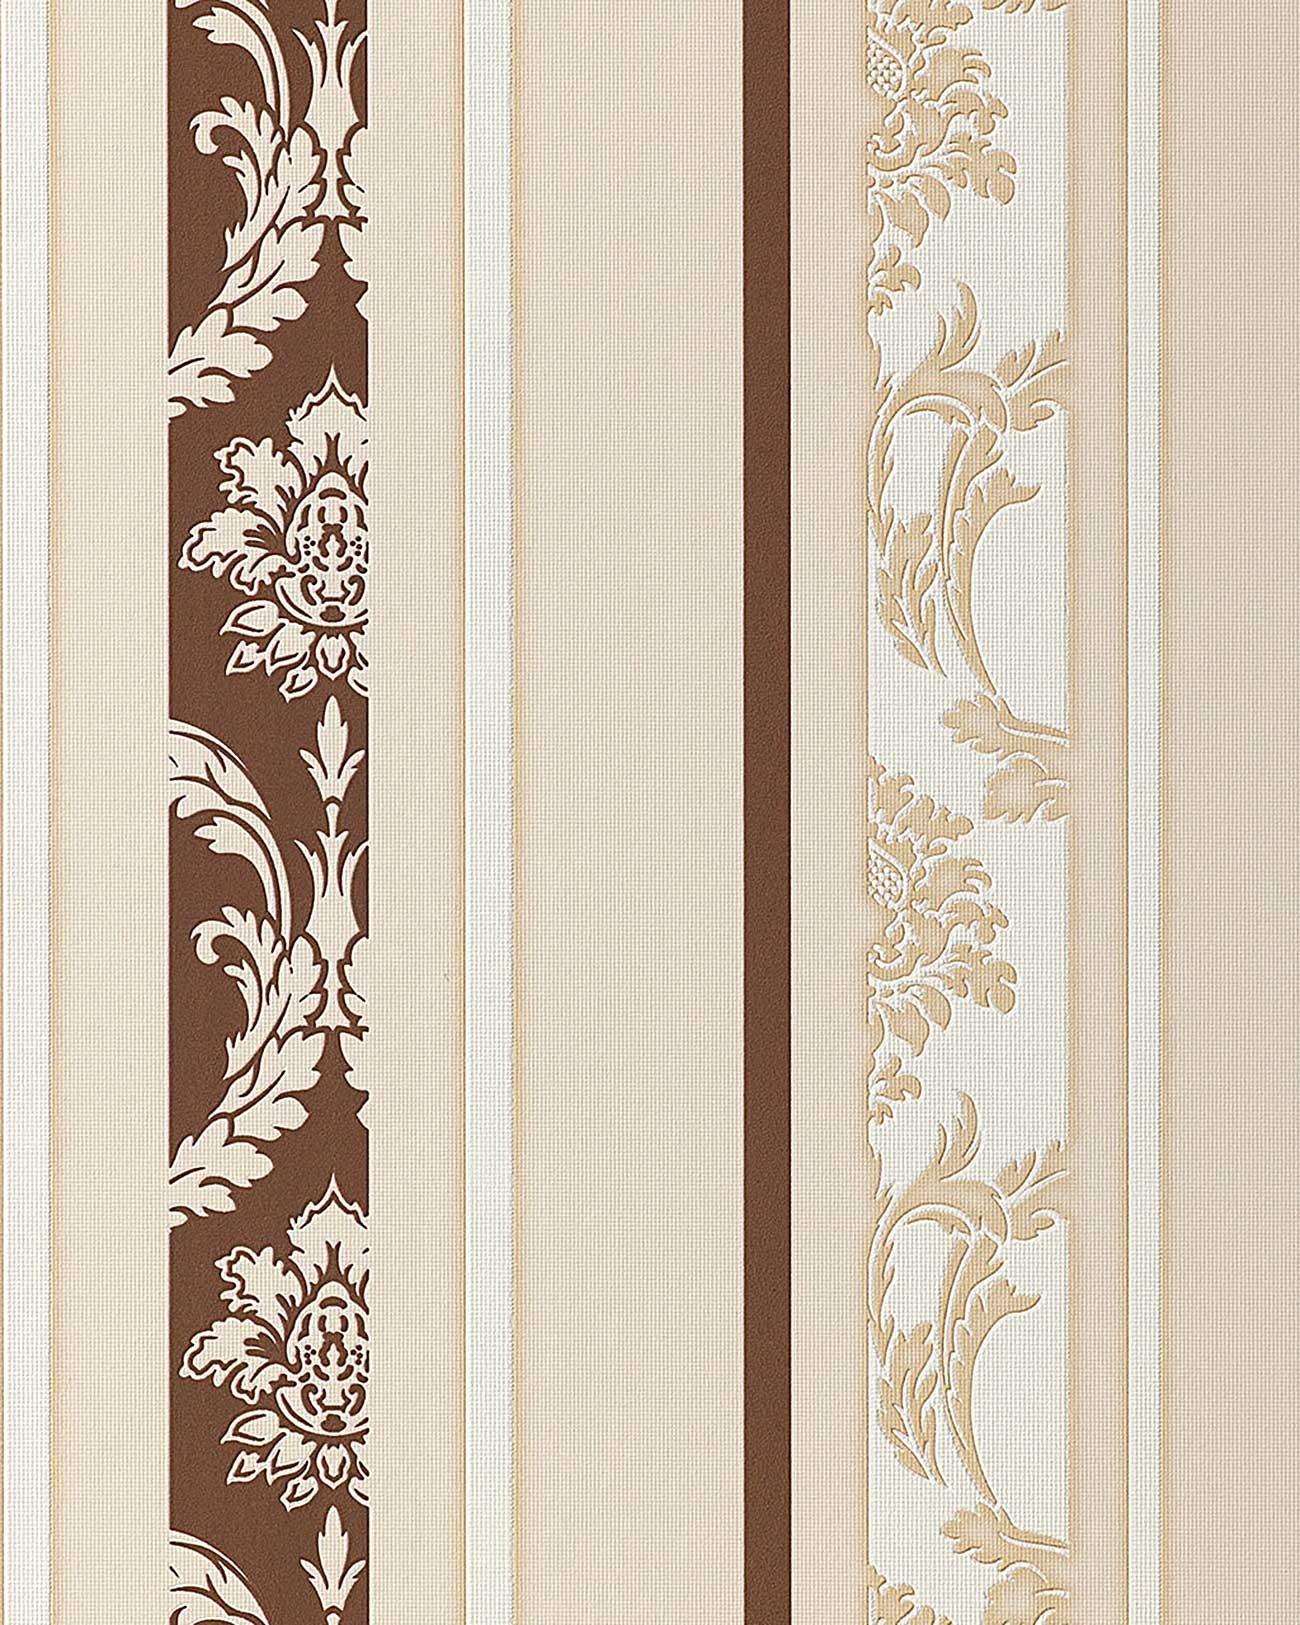 wohnzimmer tapeten braun beige - wohndesign - Wohnzimmer Tapeten Braun Beige